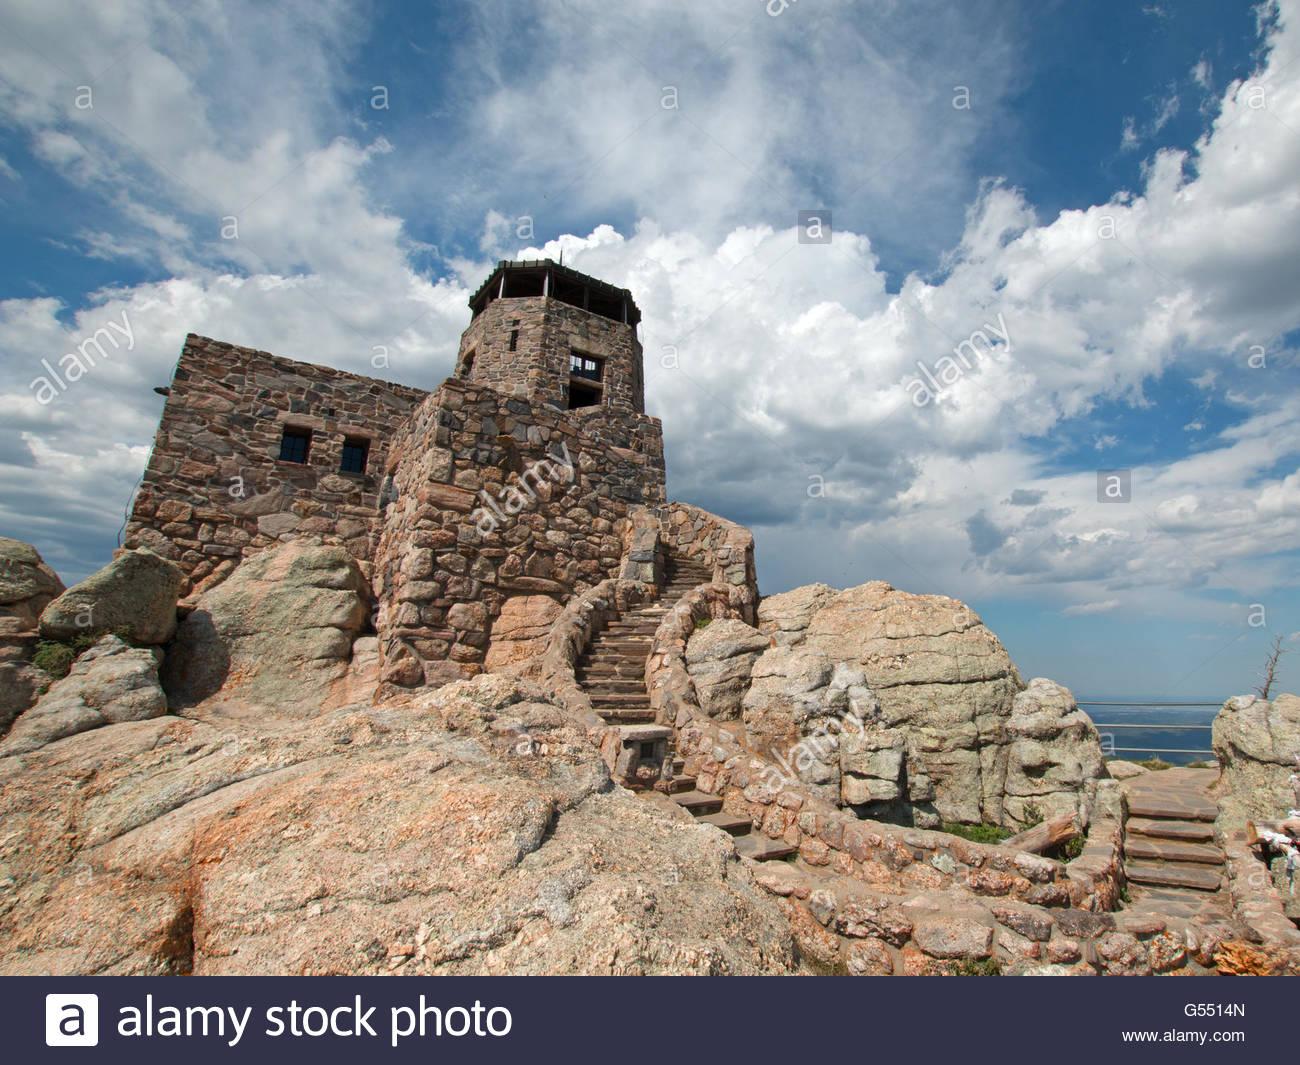 Custer Peak Lookout Tower